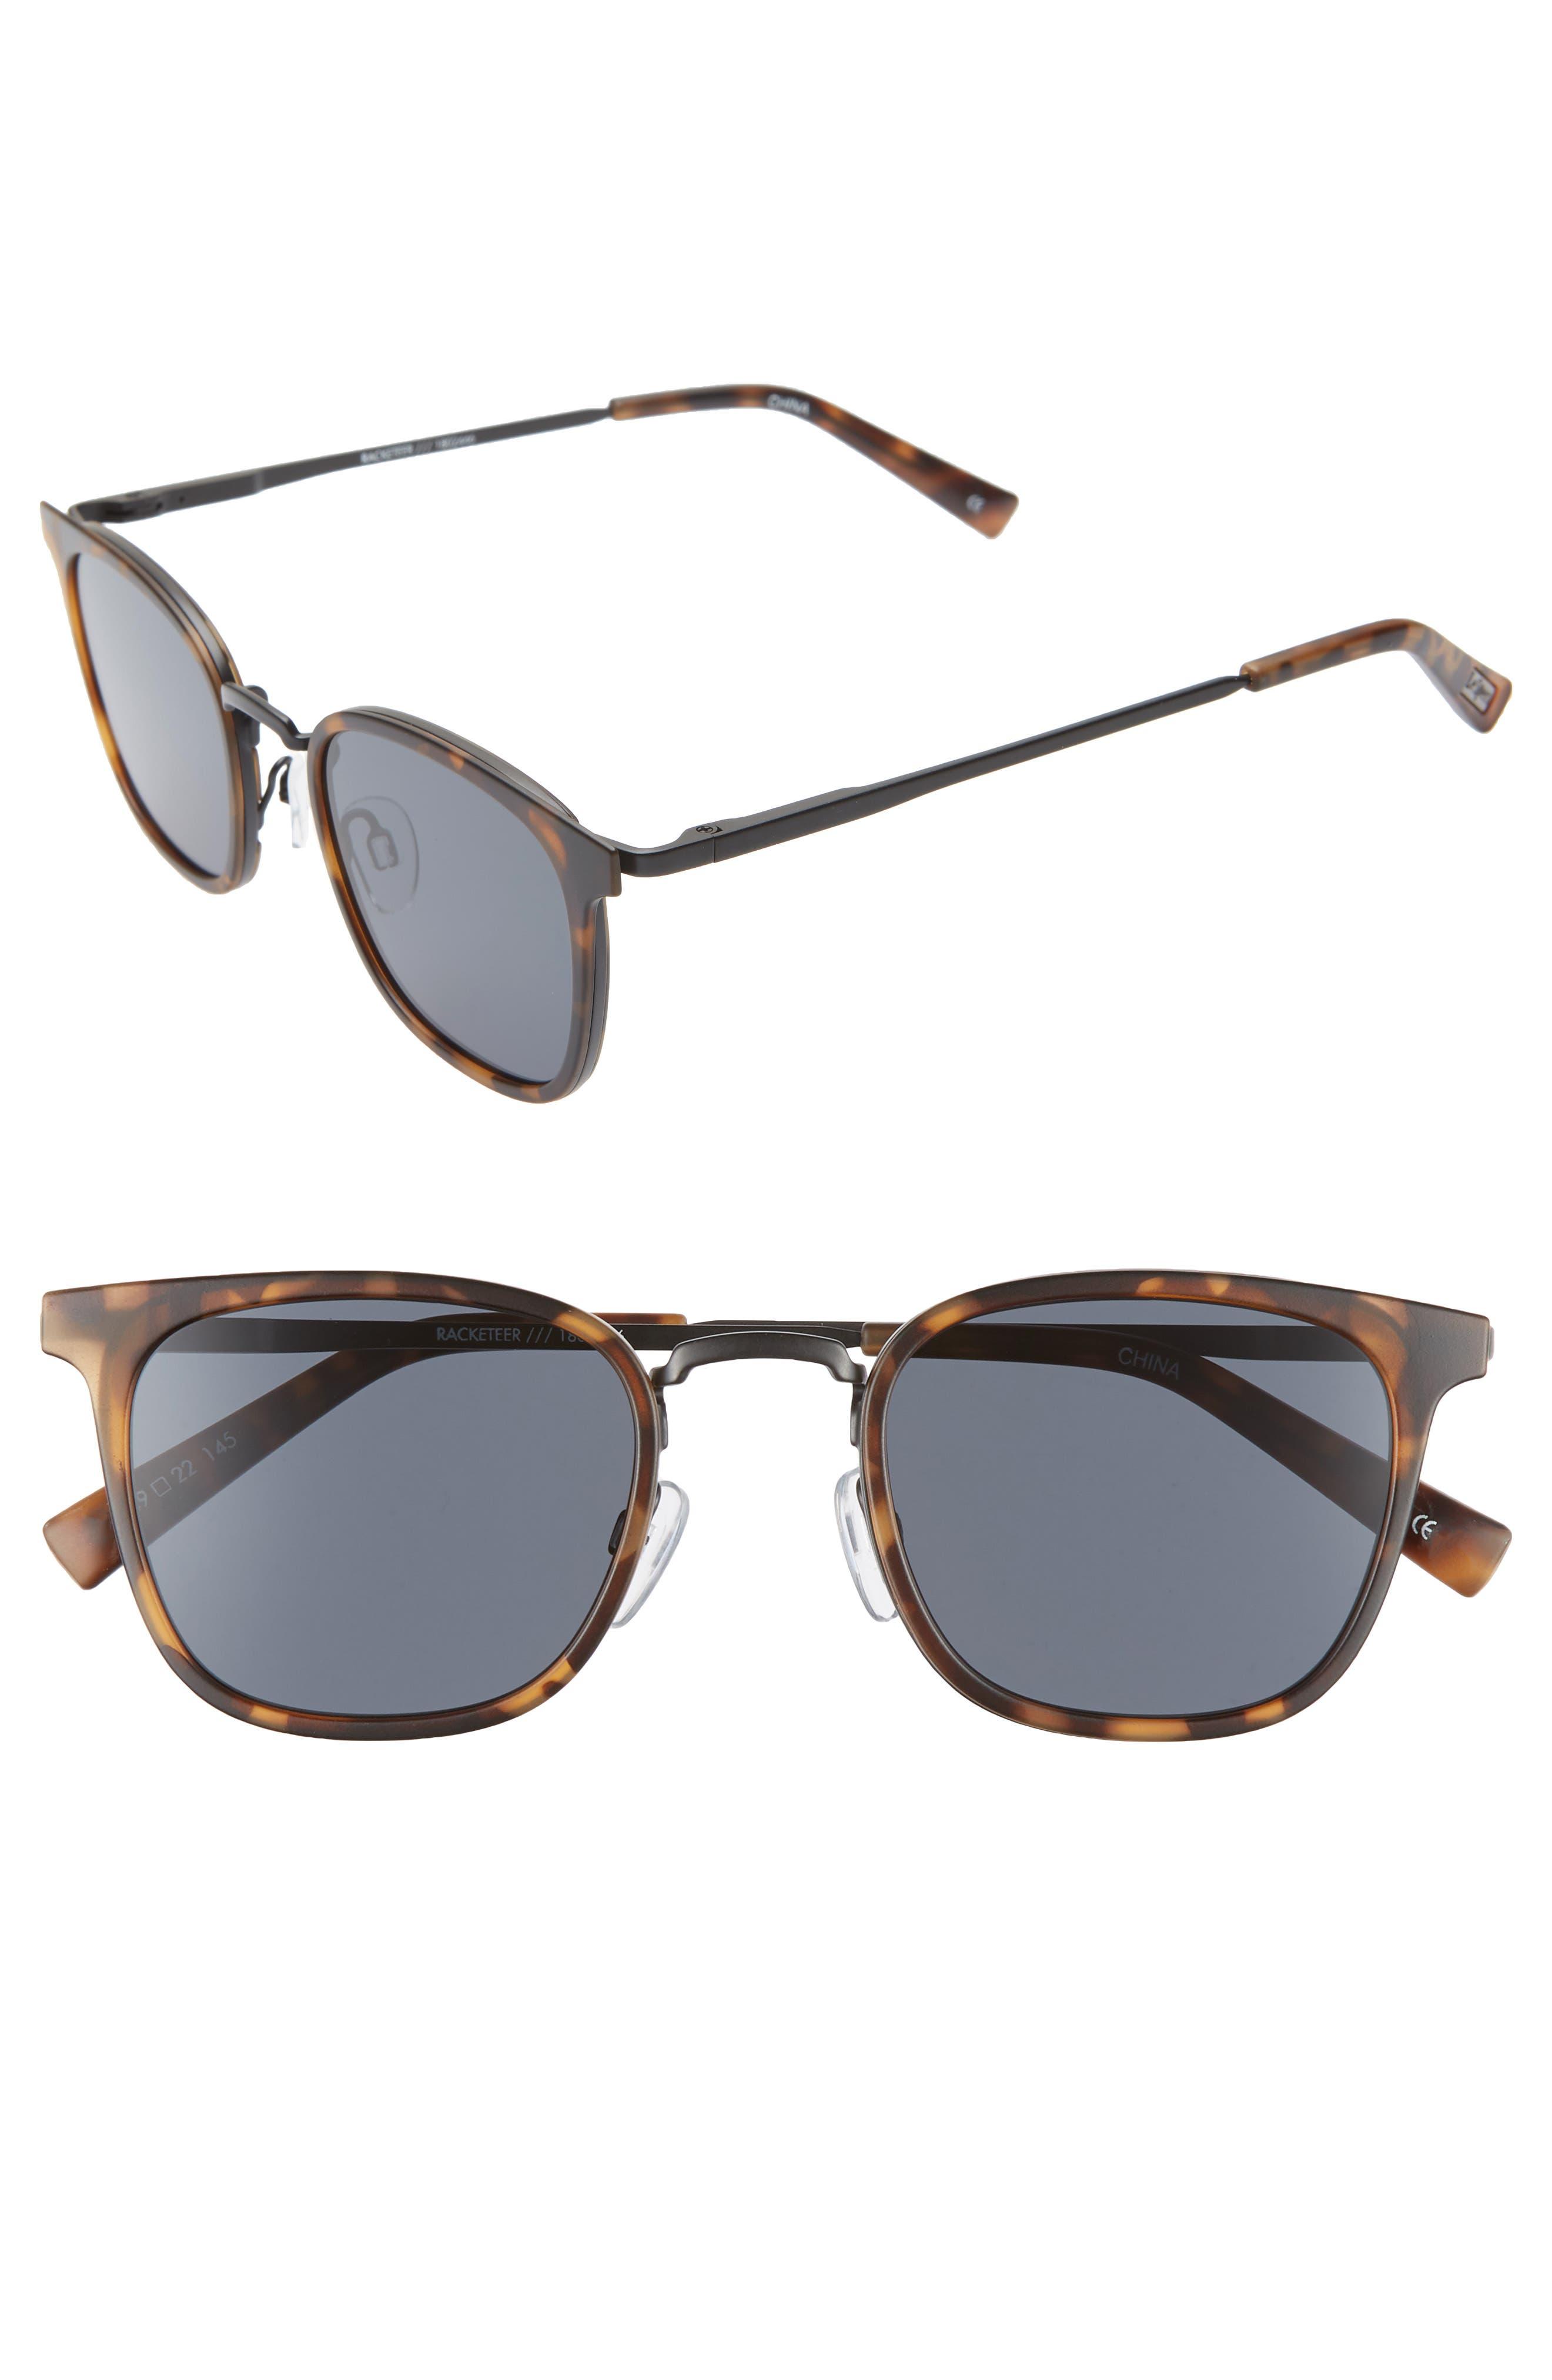 Le Specs 4m Horn Rim Sunglasses - Matte Tortoise